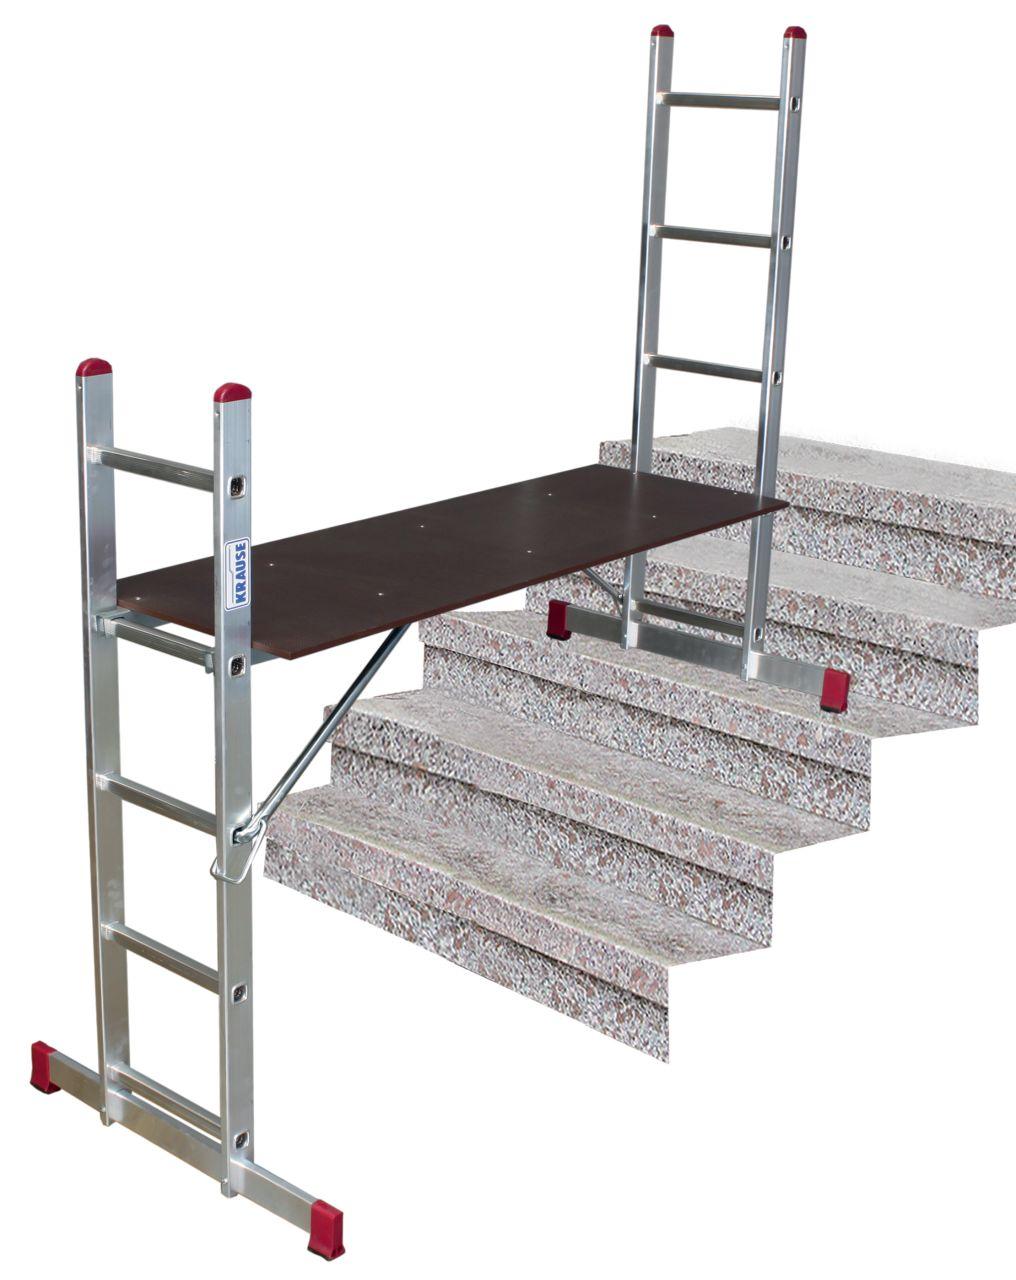 Лестничные подмости состоят из двух приставных лестниц с широкими поперечными траверсами и рабочей платформой, которую можно установить на любой перекладине